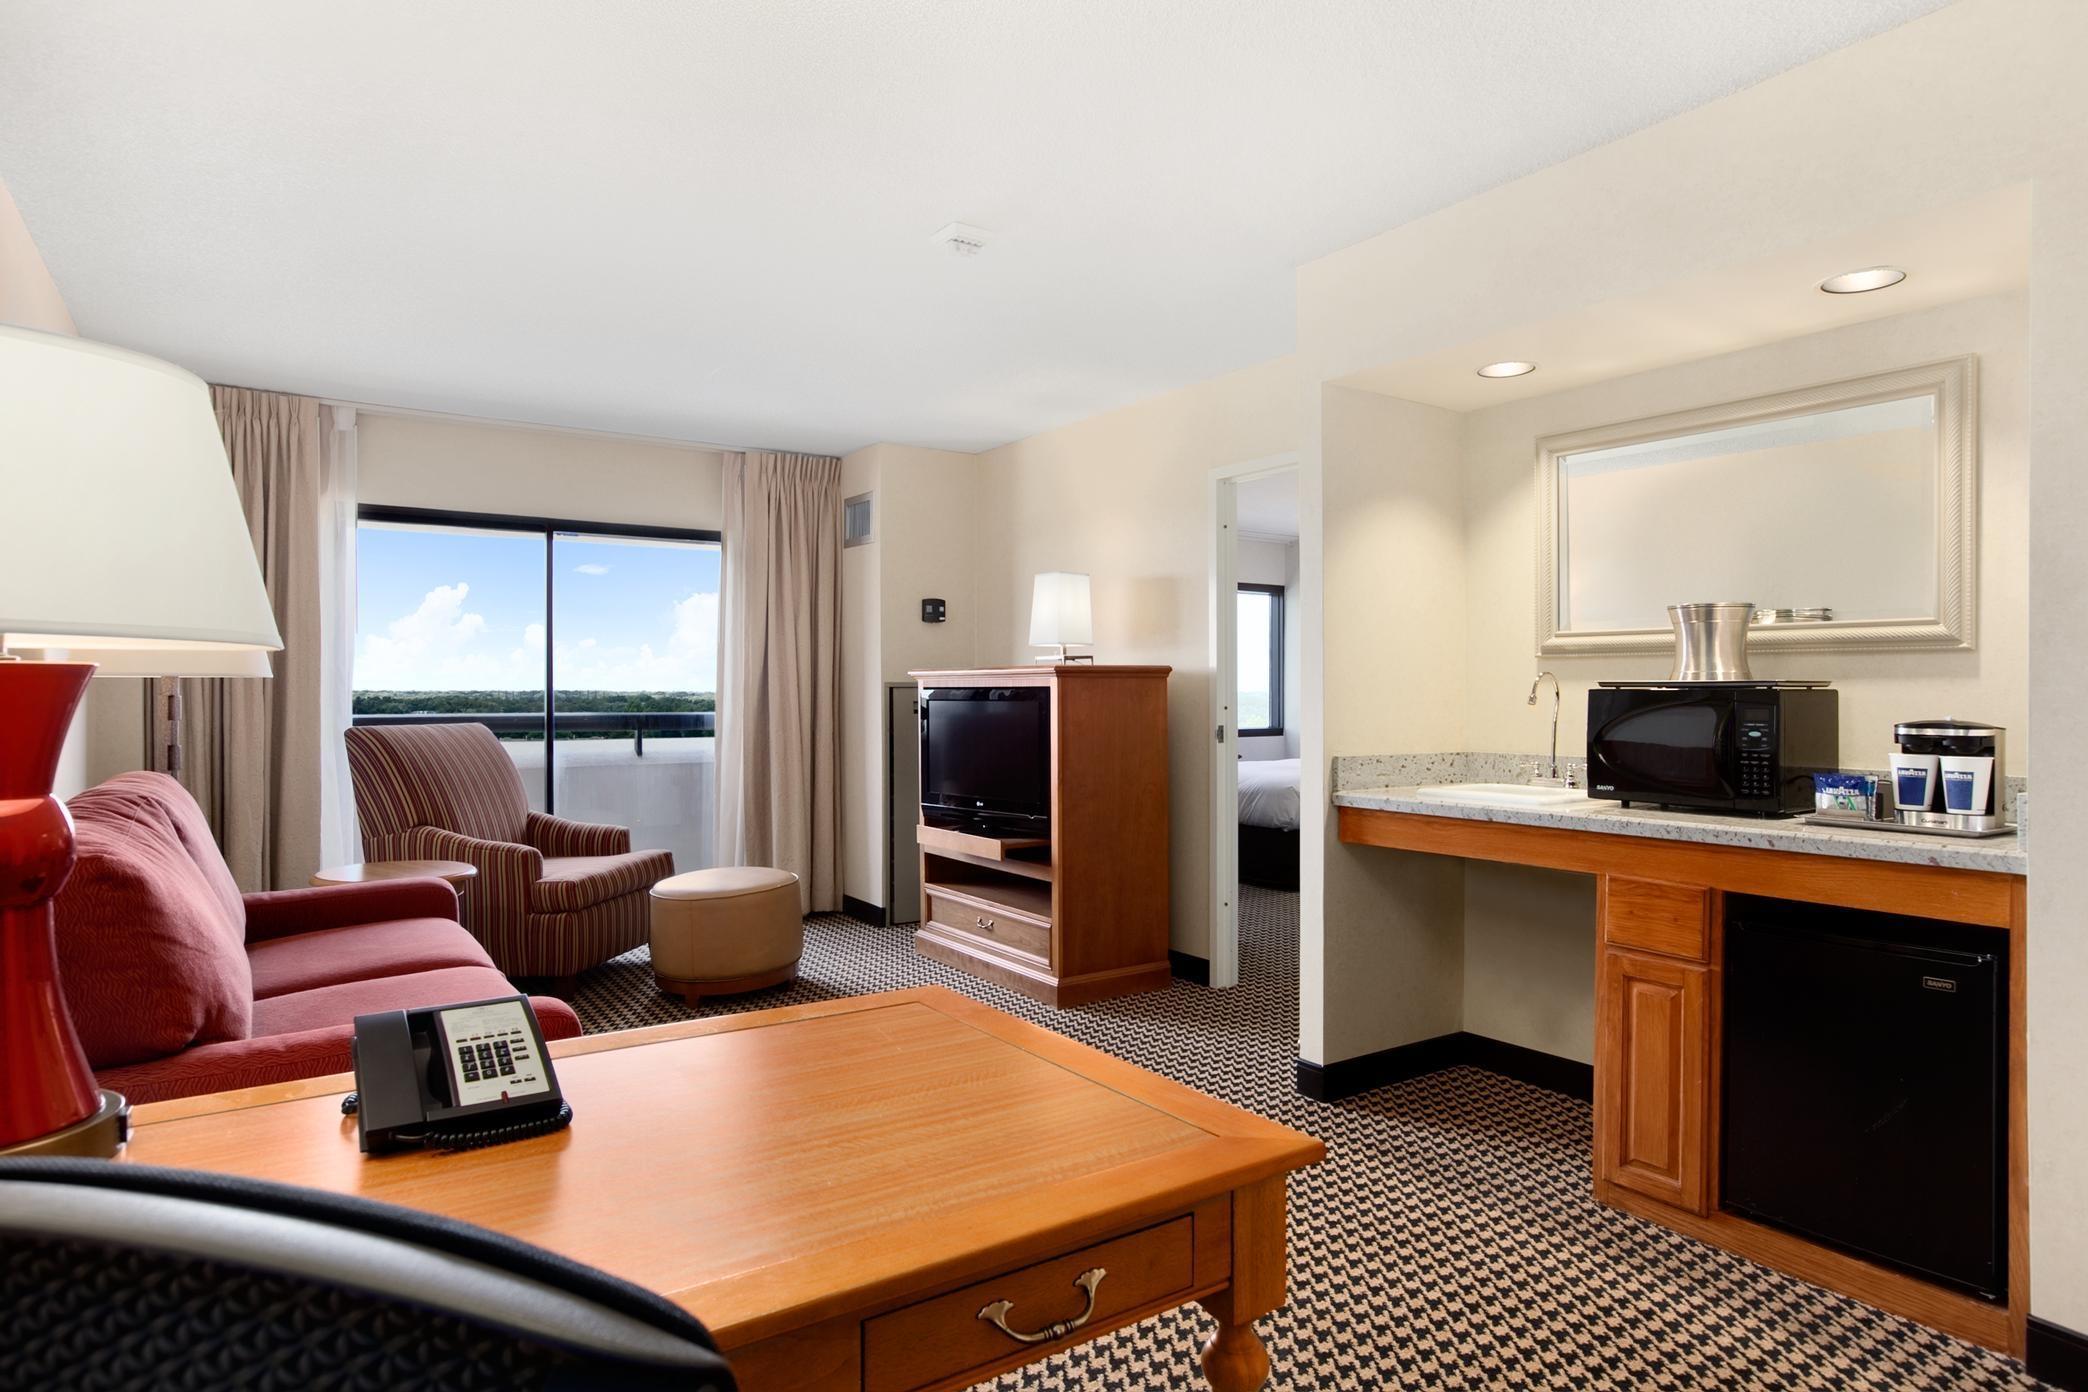 Hilton Chicago/Oak Brook Suites image 21